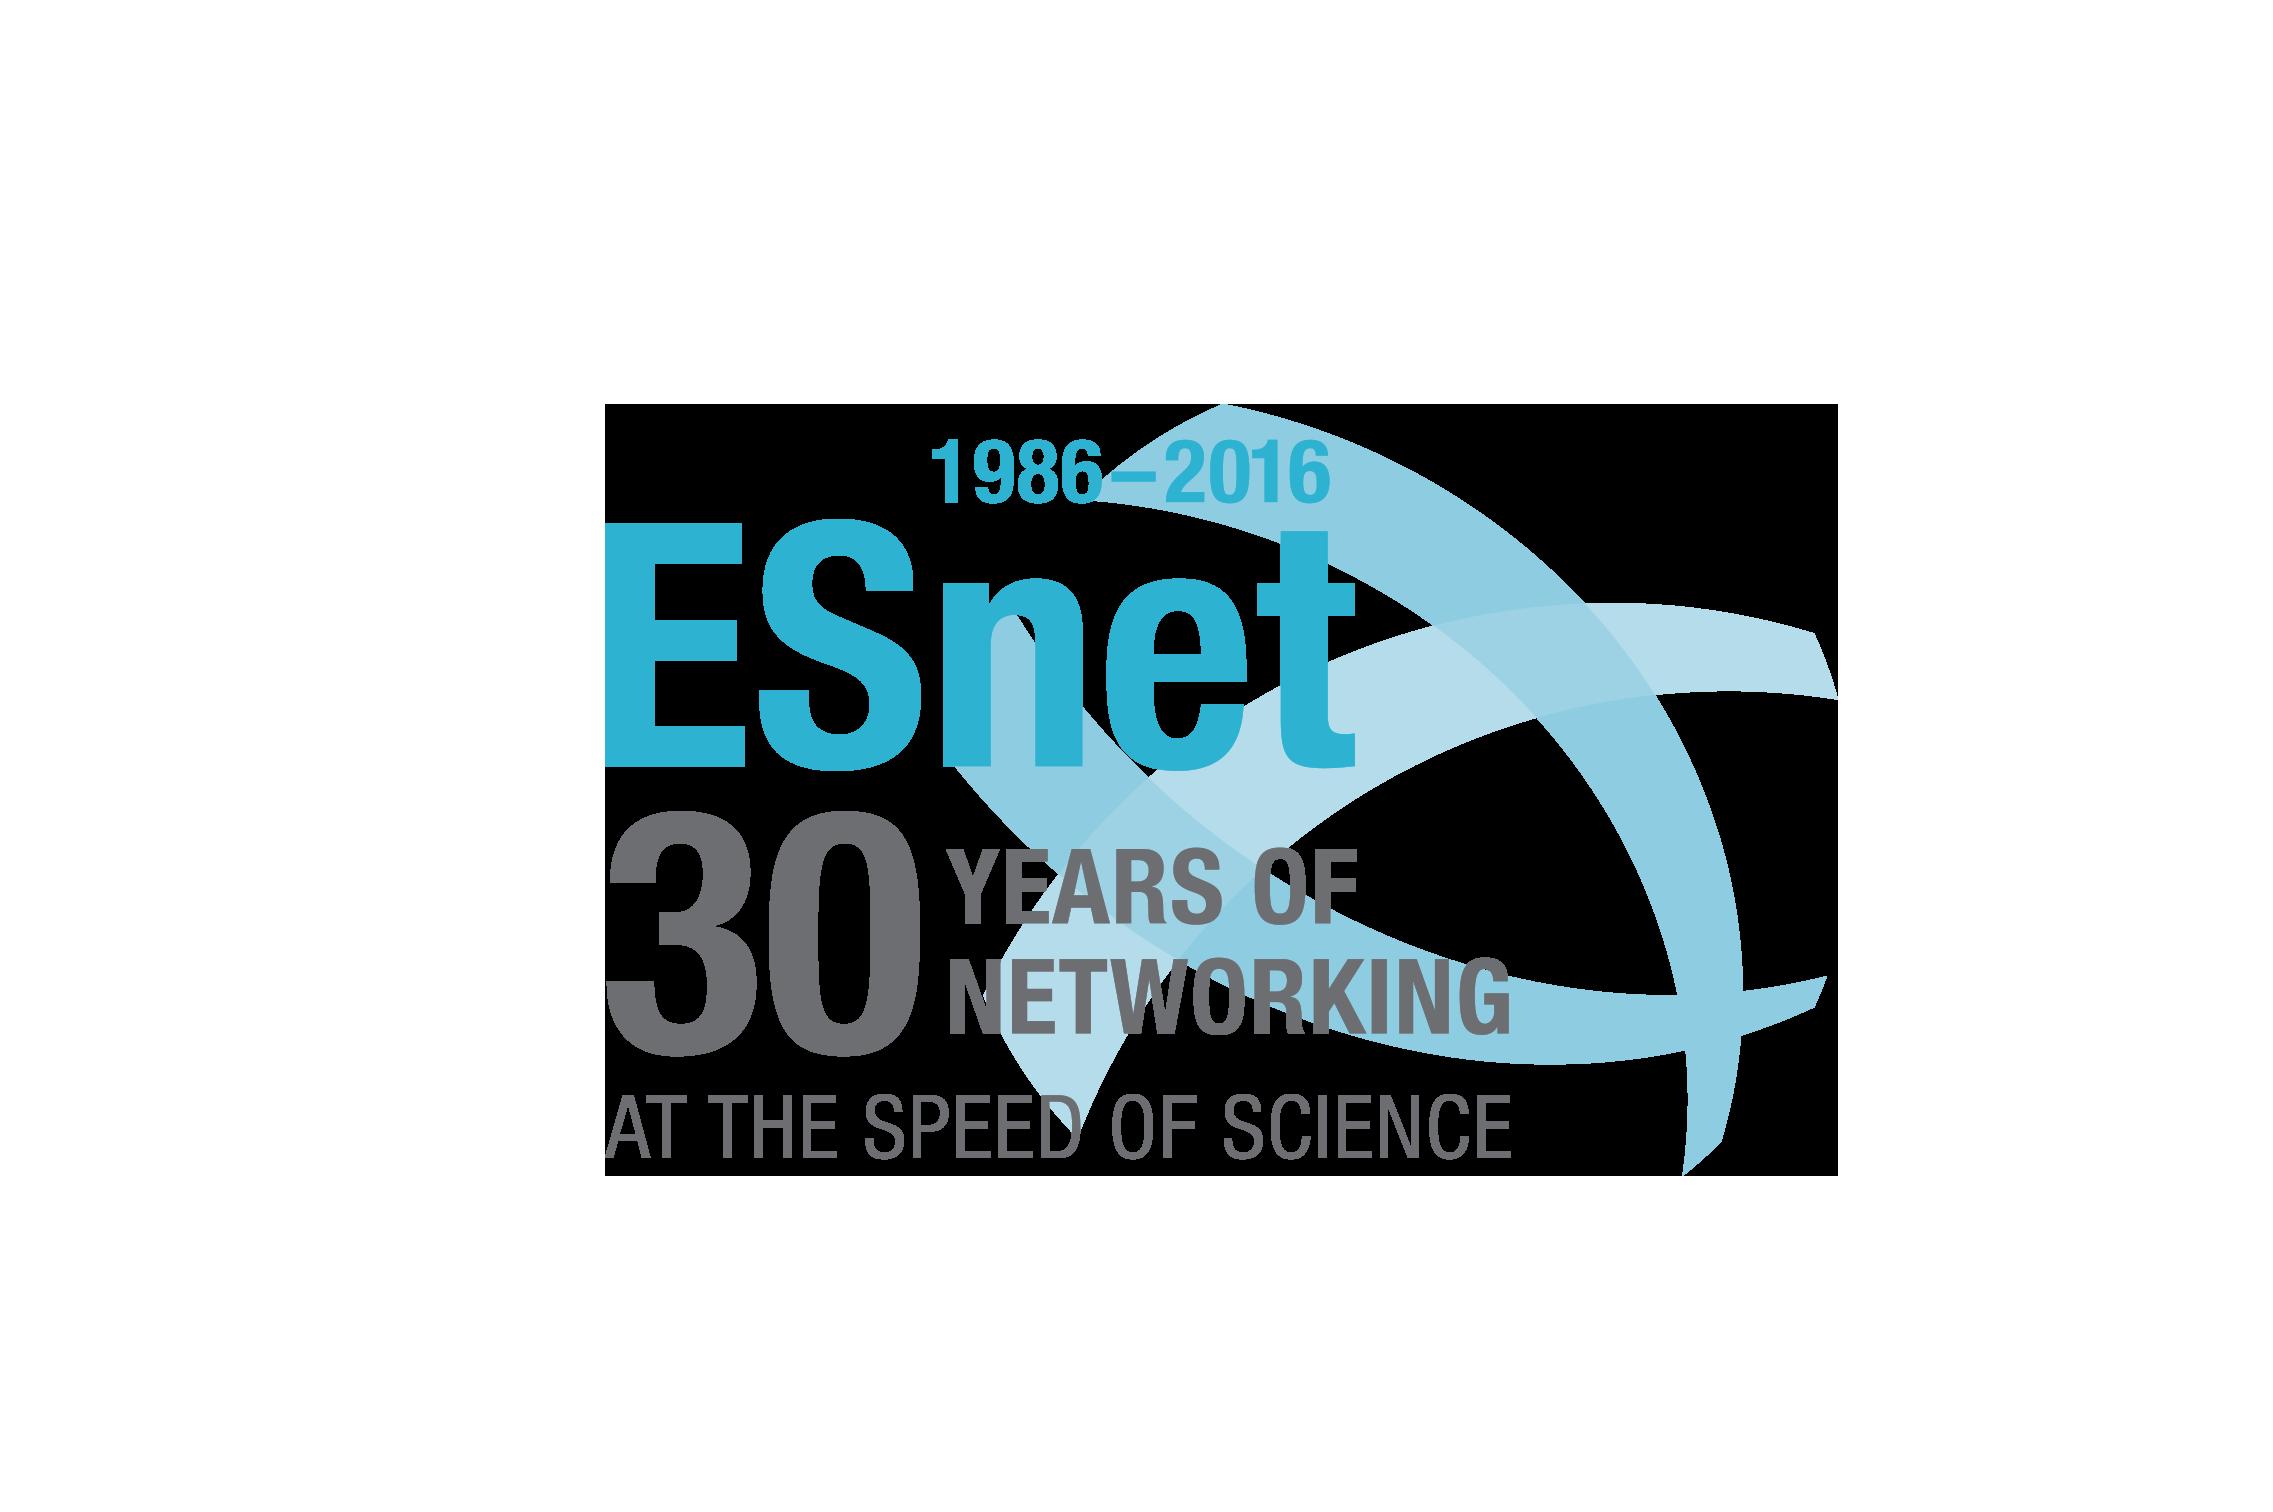 ESnet History